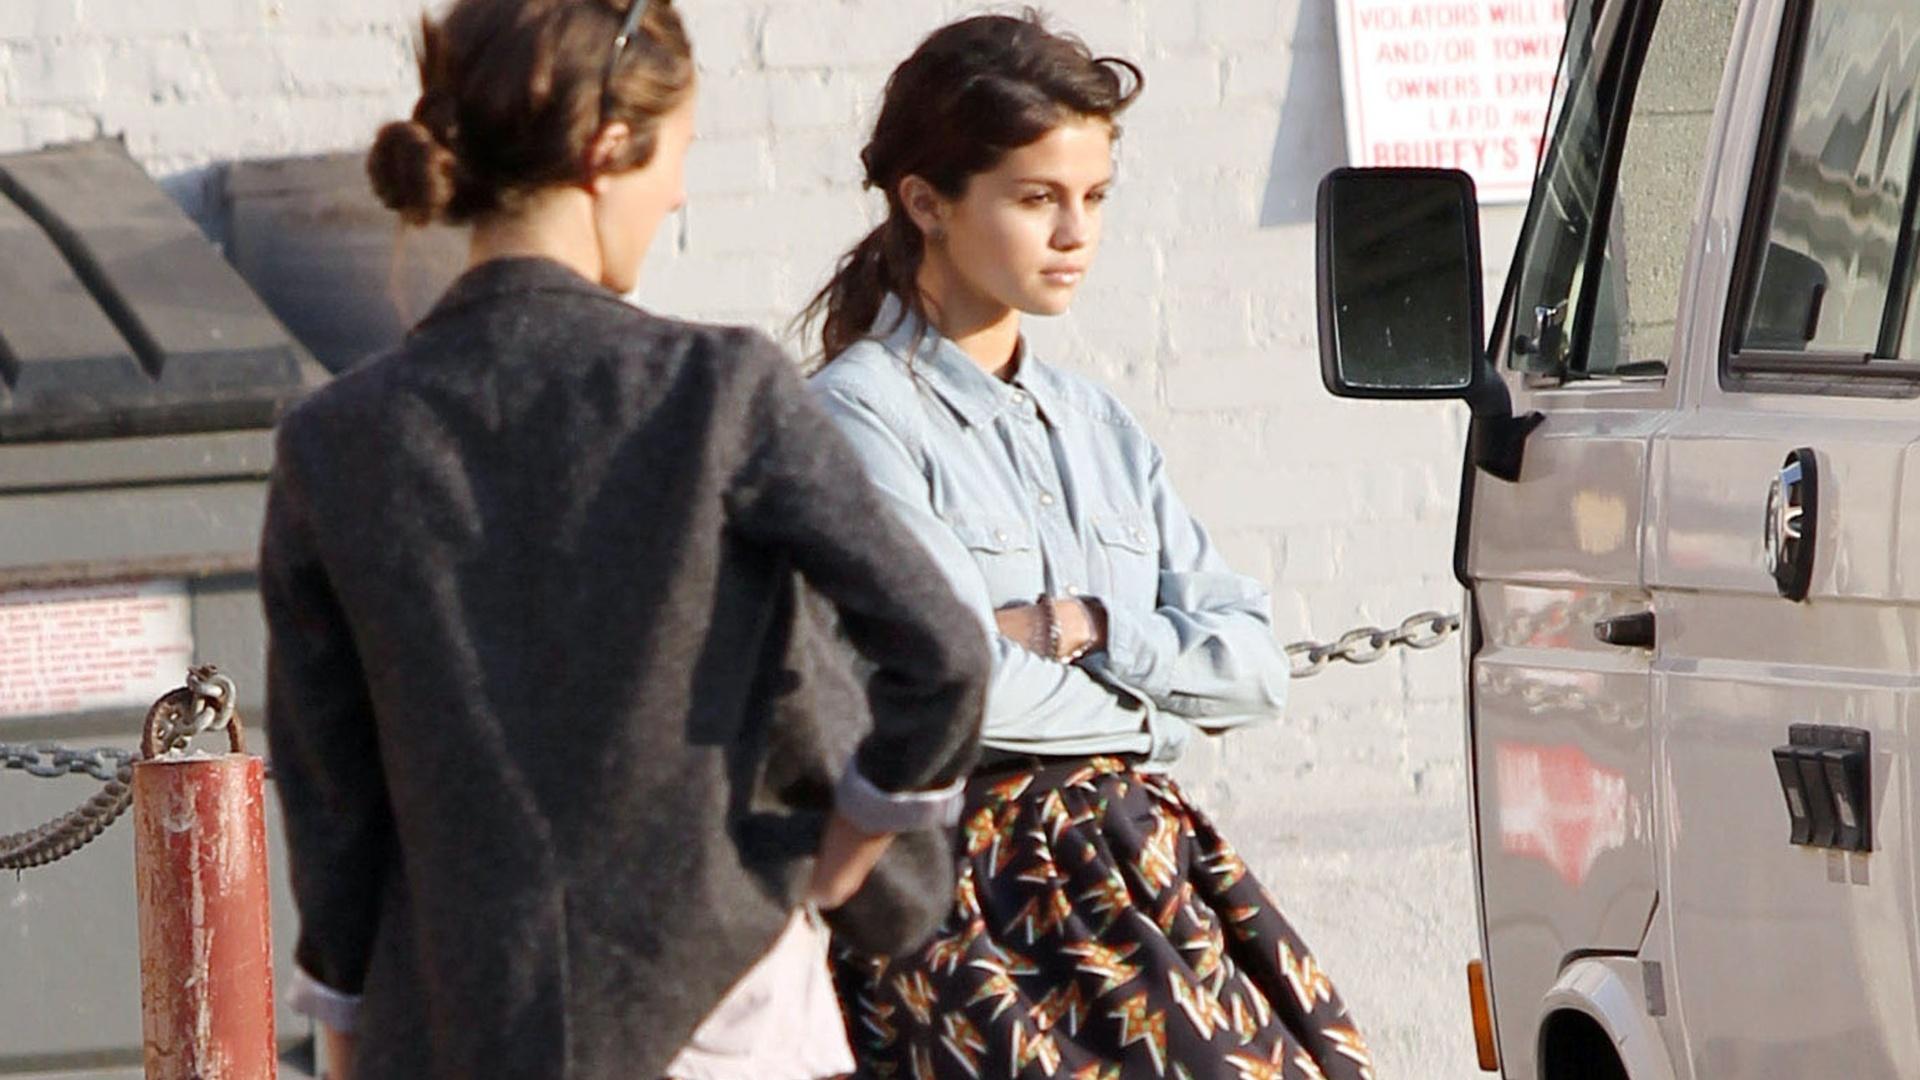 Selena Gomez participa de sessão fotográfica (27/9/2011)